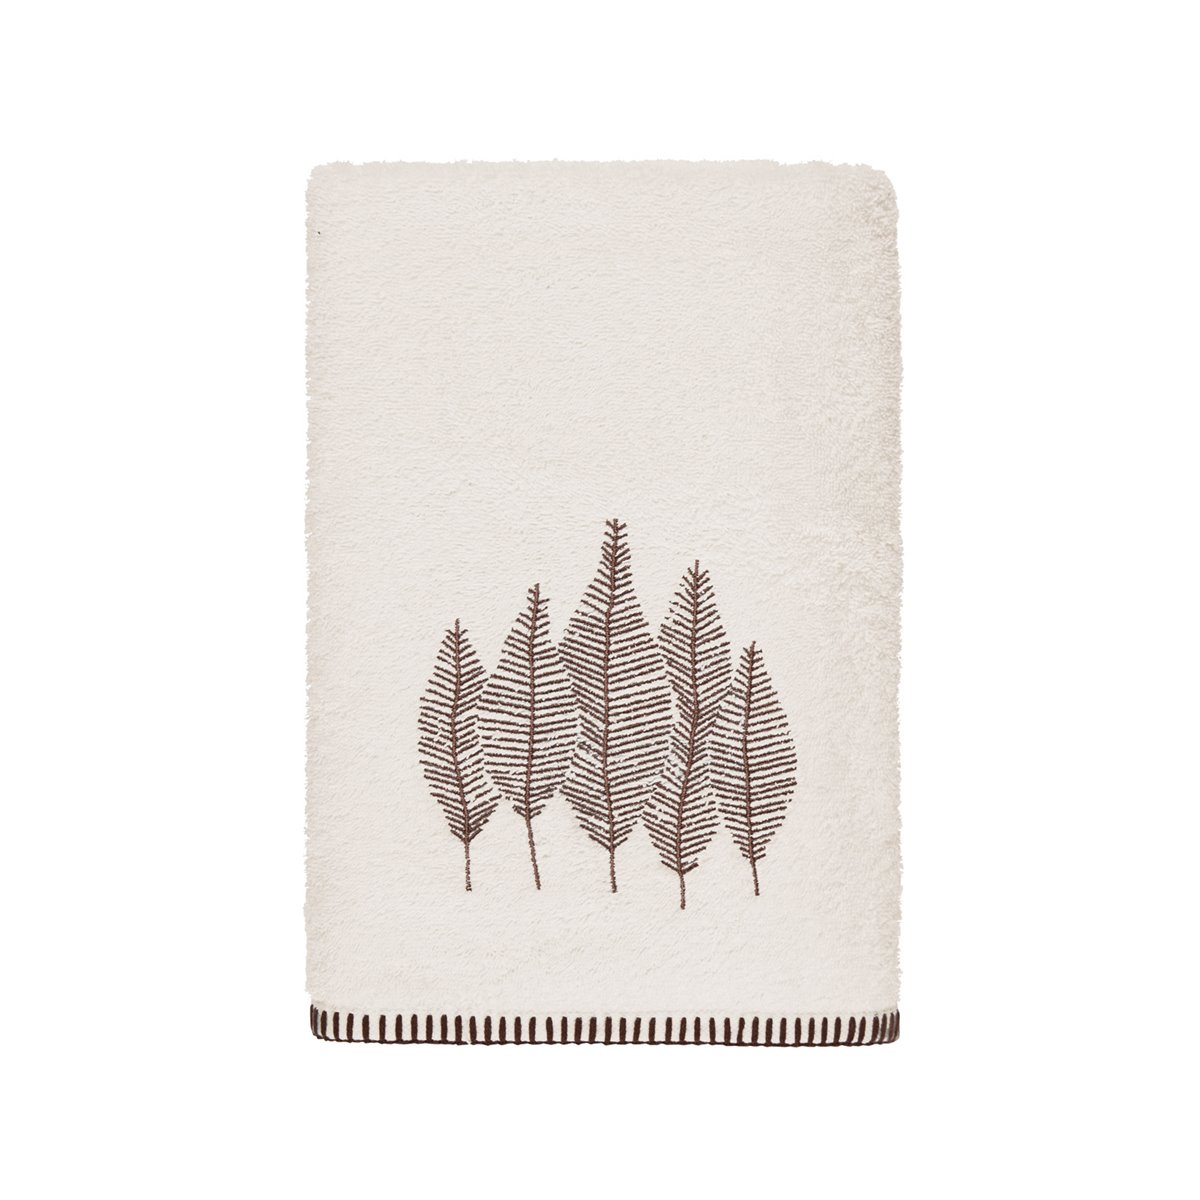 ABACHI - Drap de bain en coton biologique  Ecru 70x140 cm